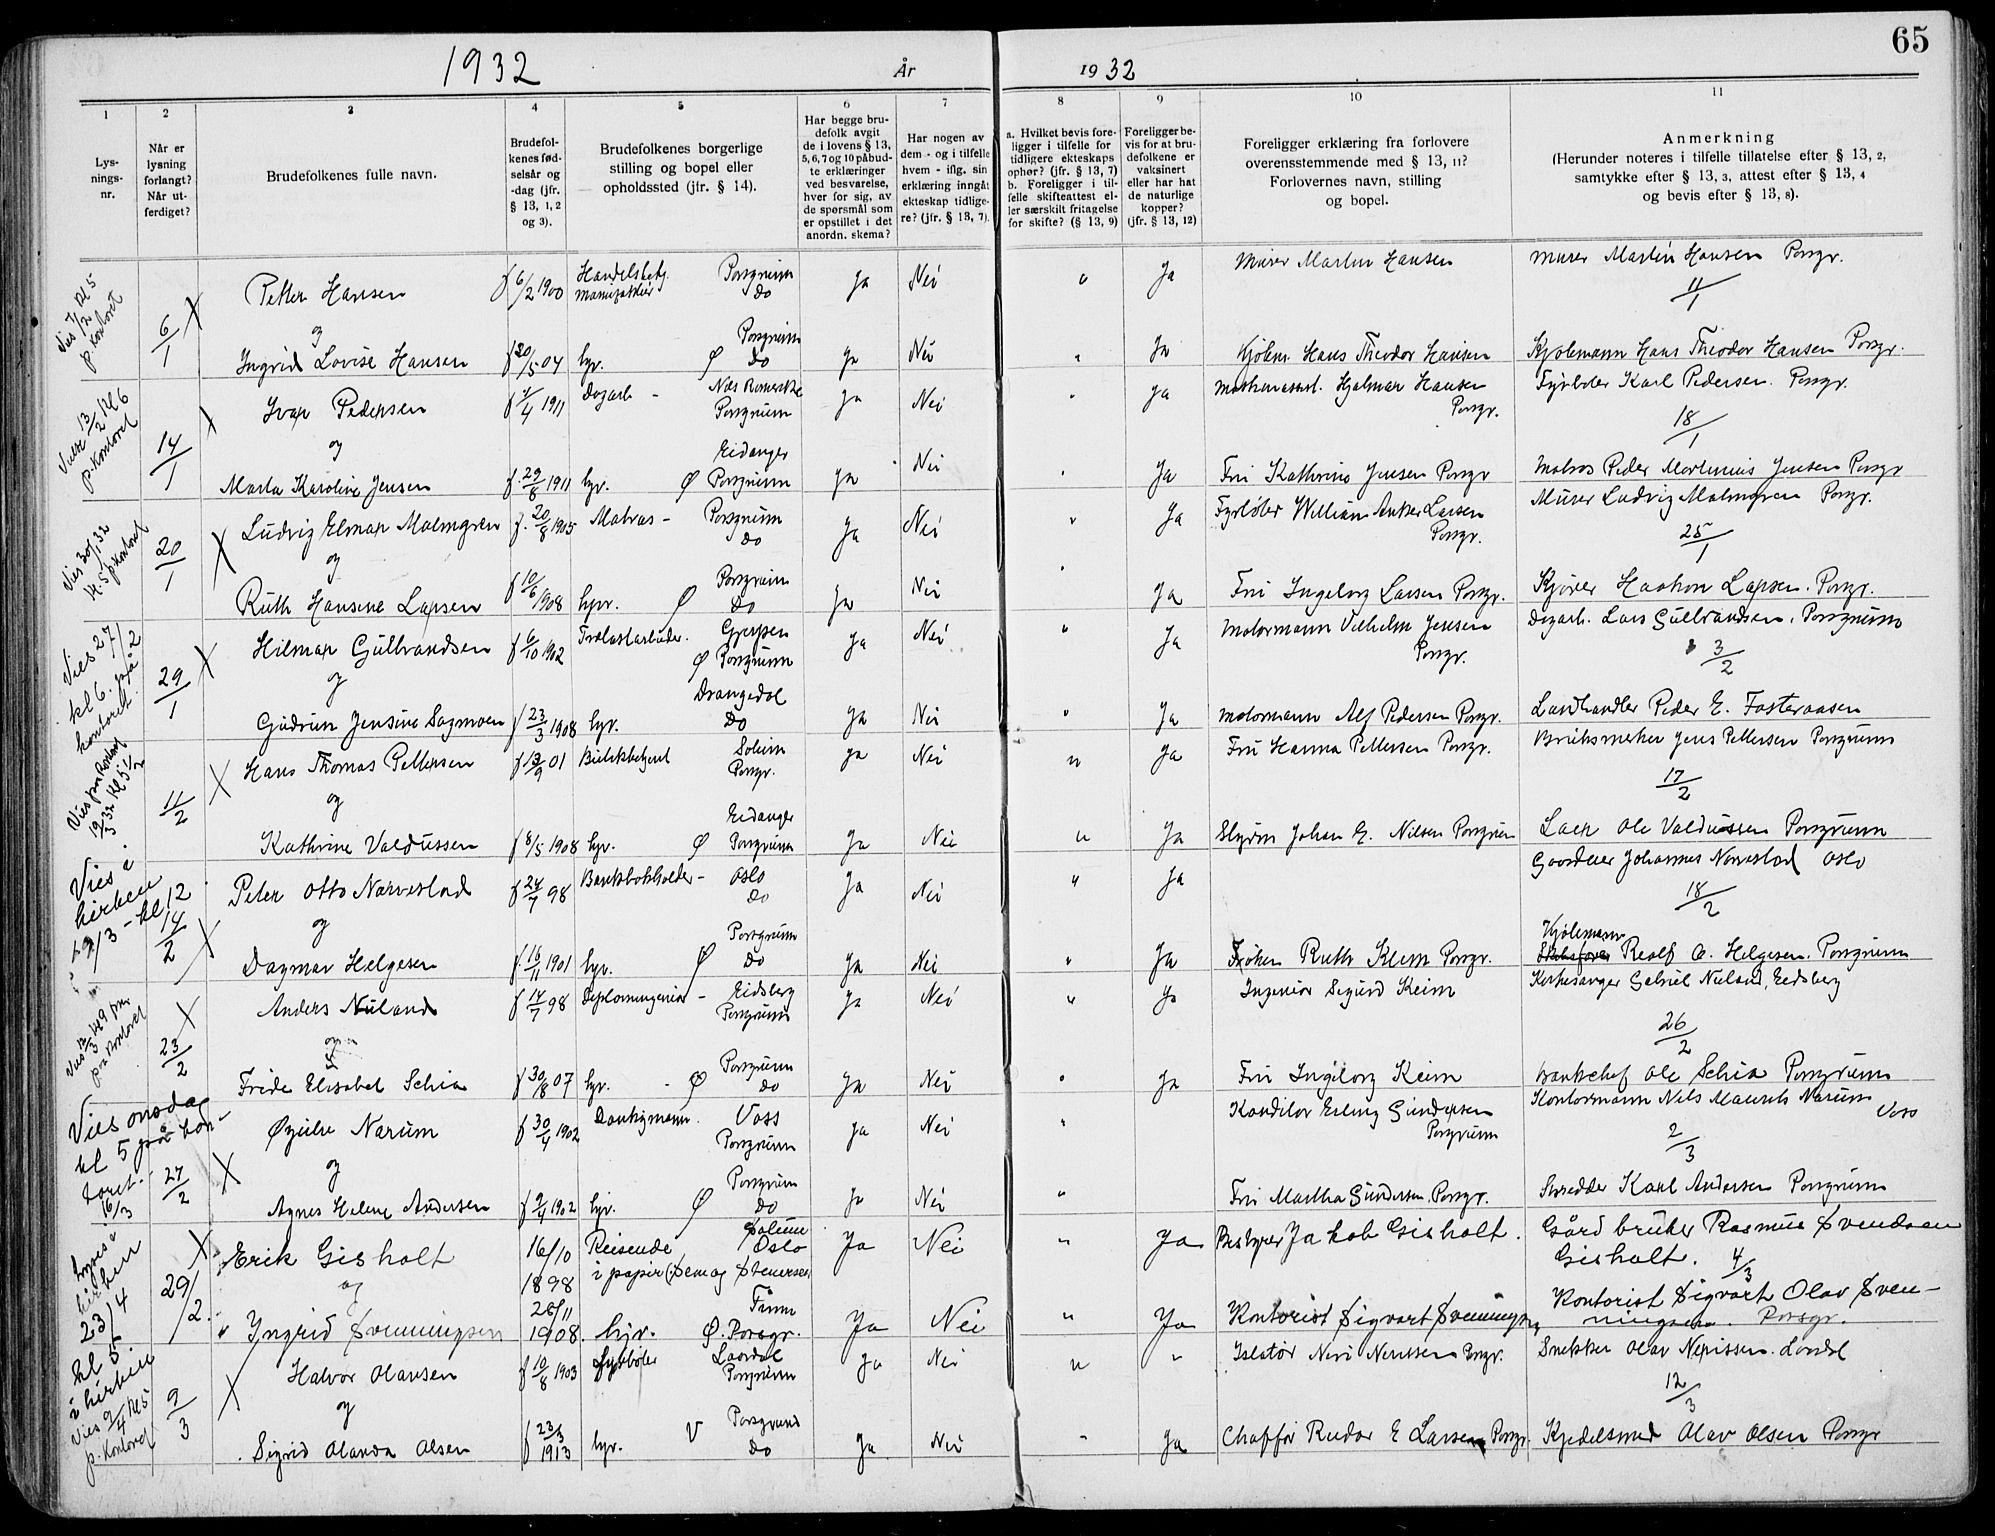 SAKO, Porsgrunn kirkebøker , H/Ha/L0001: Lysningsprotokoll nr. 1, 1919-1937, s. 65